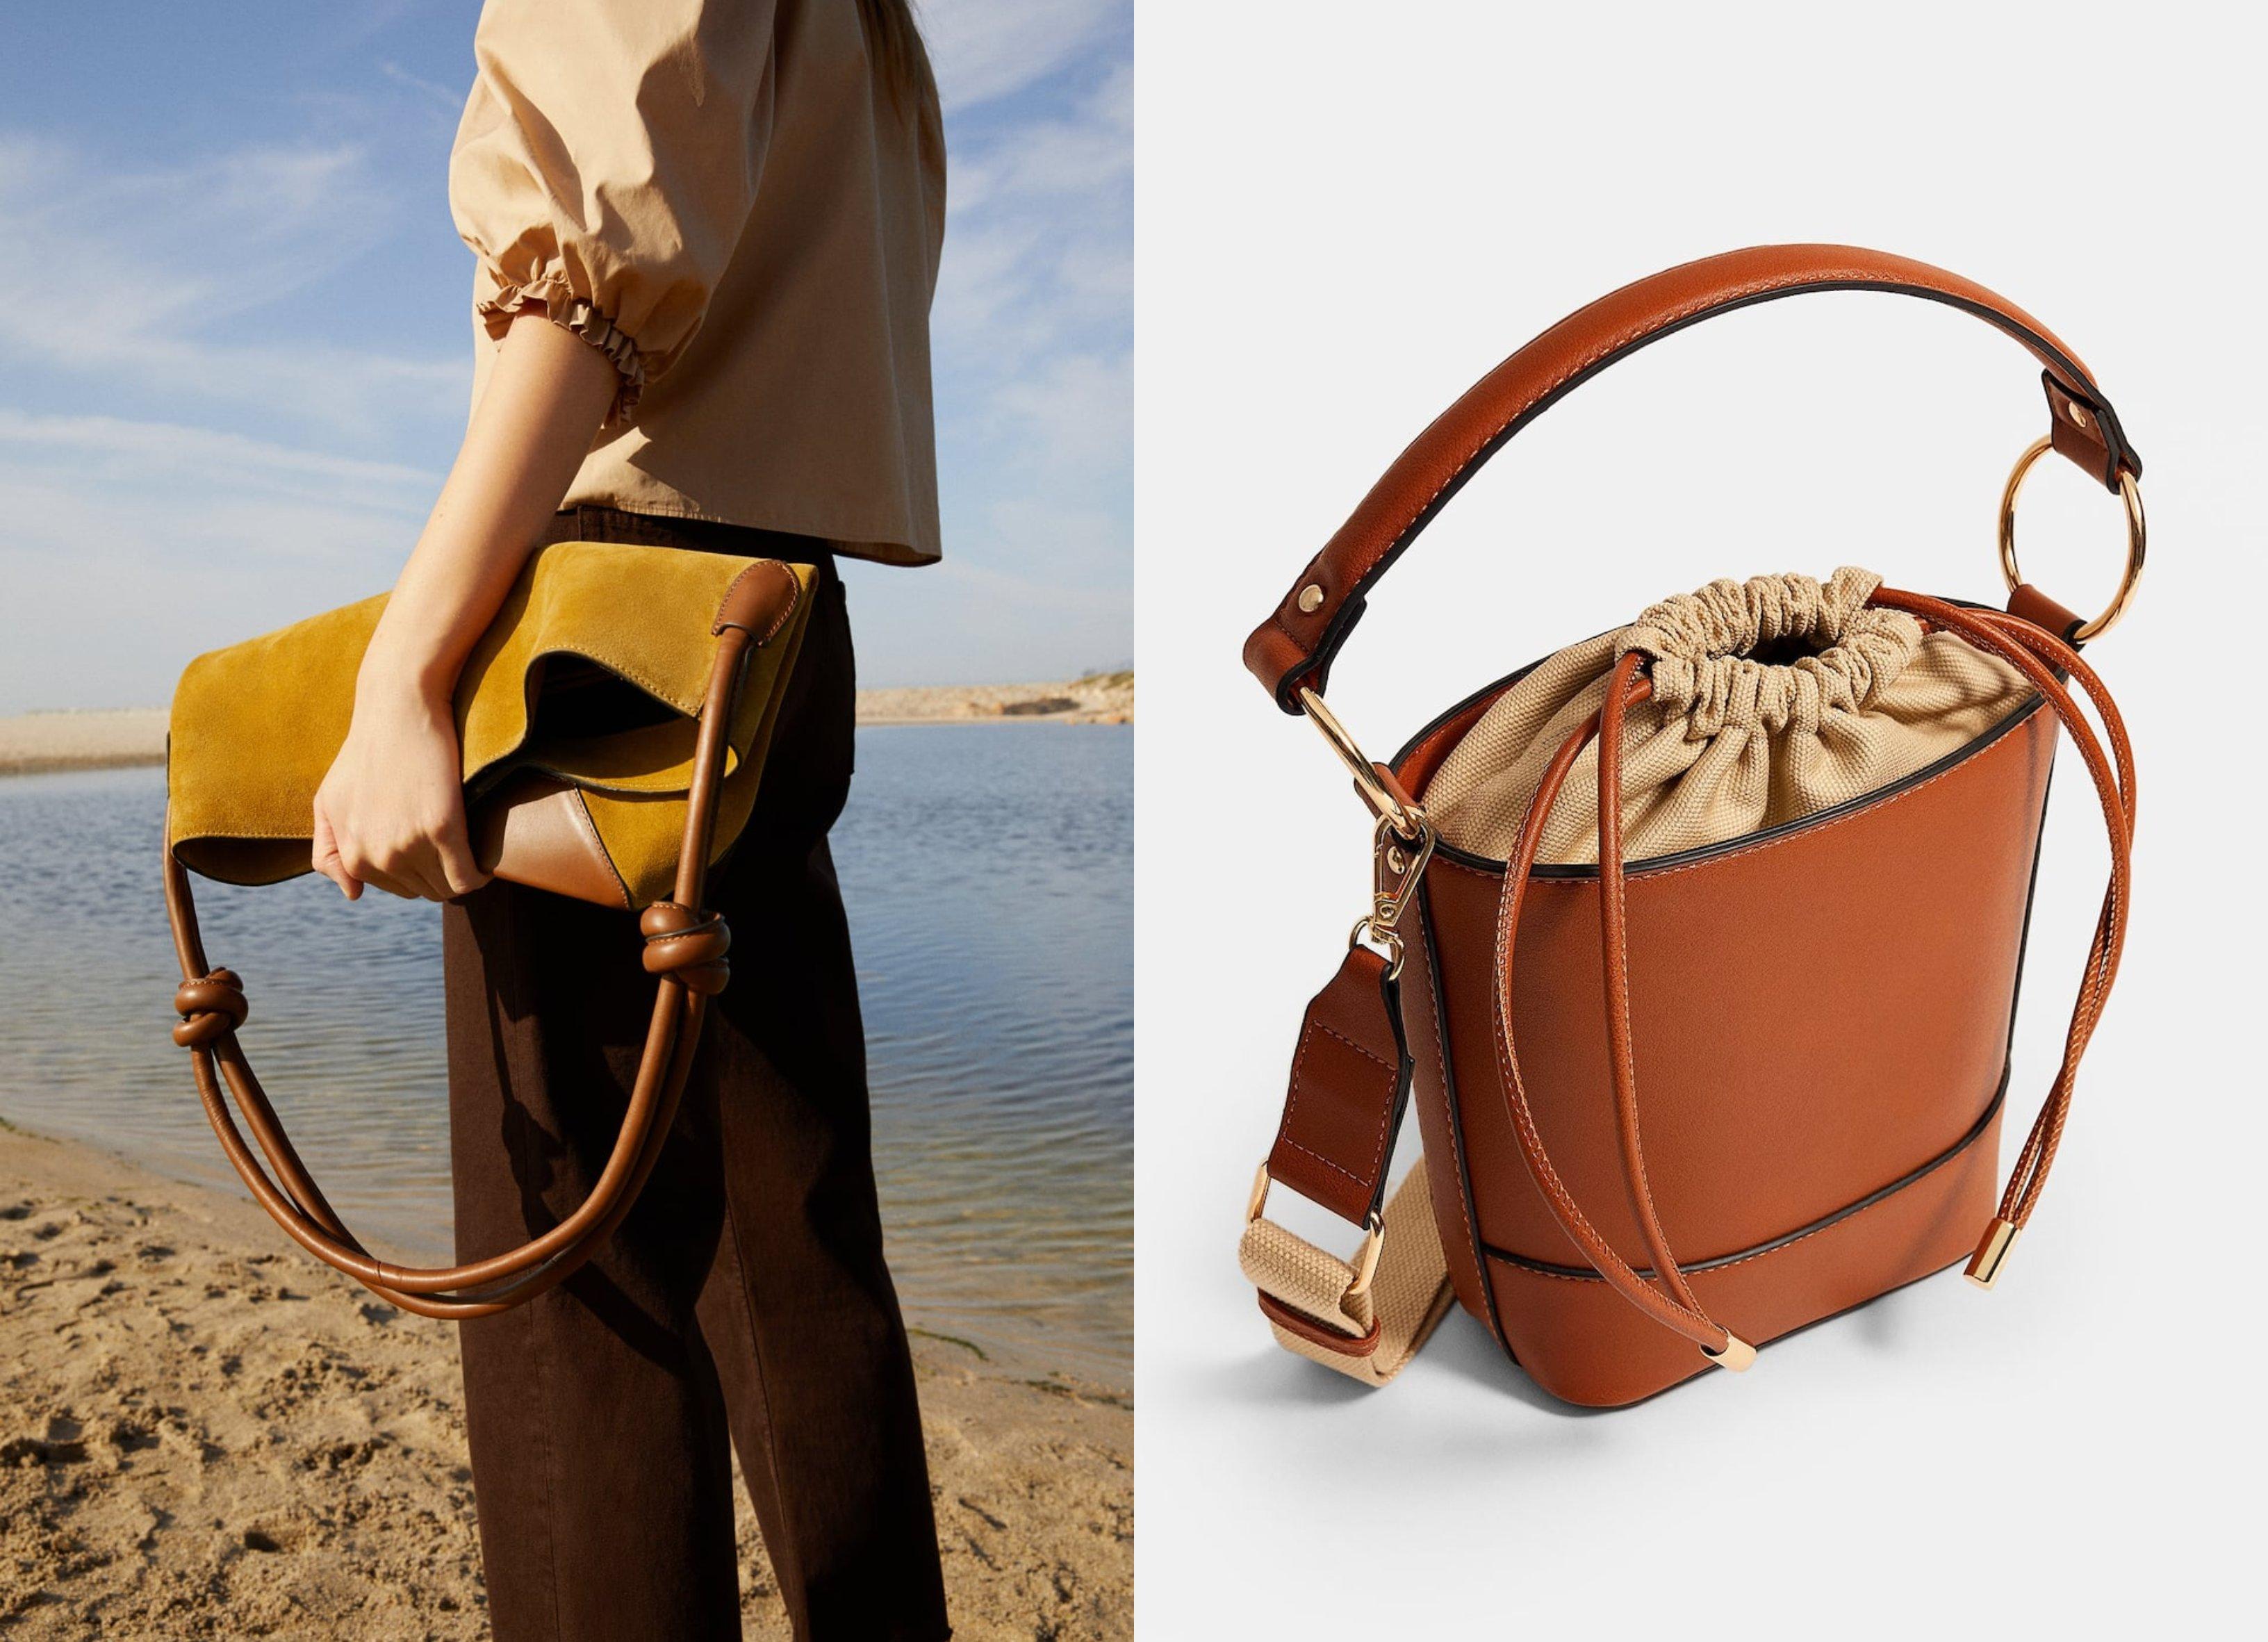 Najljepše torbice za svaki dan iz aktualne ponude high street brendova